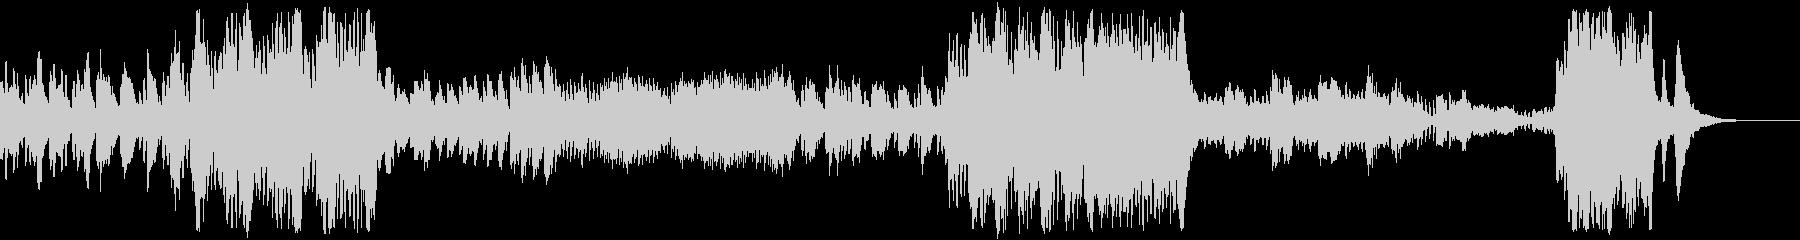 ピアノ協奏曲第22番第3楽章モーツァルトの未再生の波形